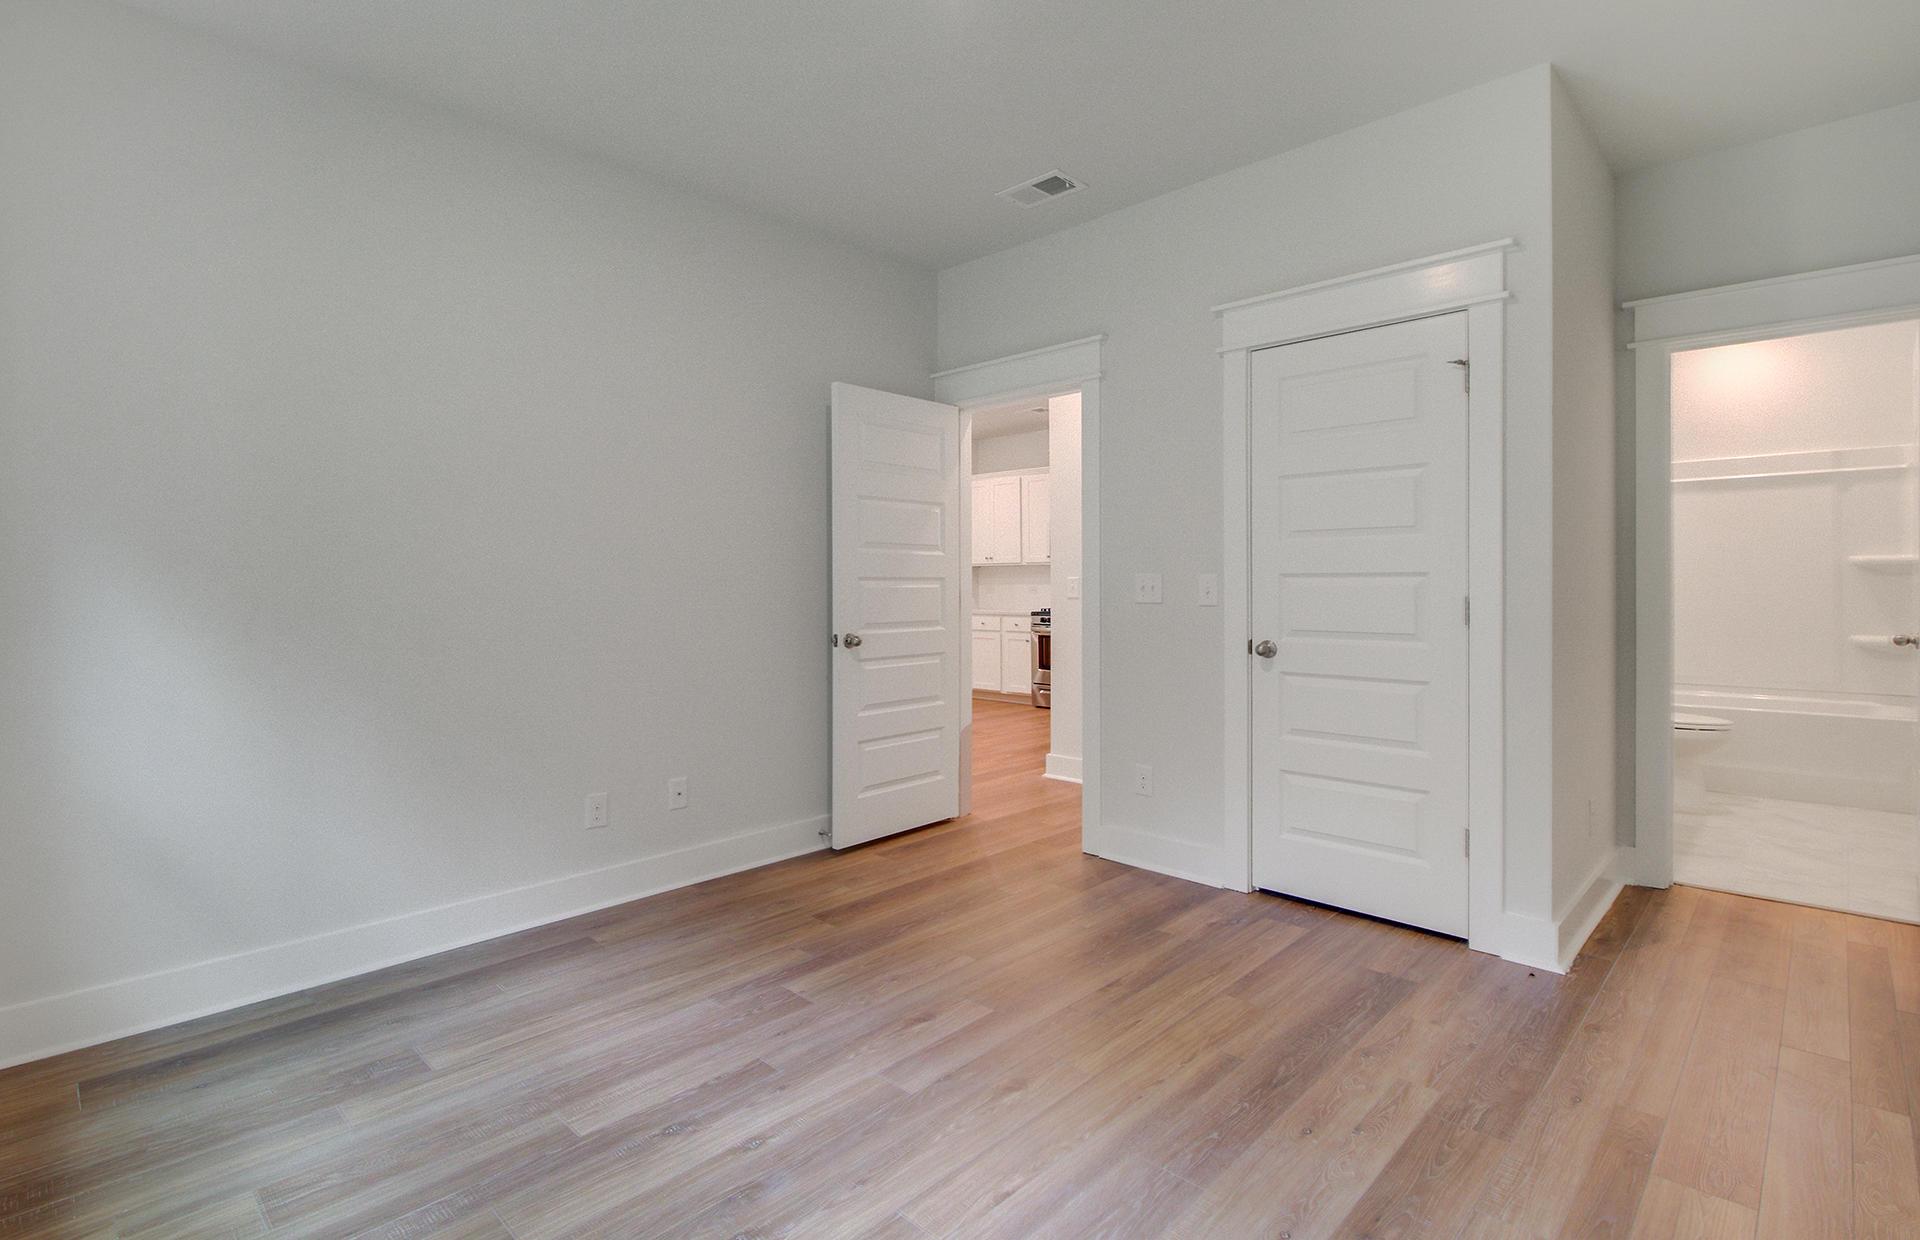 Park West Homes For Sale - 3013 Caspian, Mount Pleasant, SC - 24